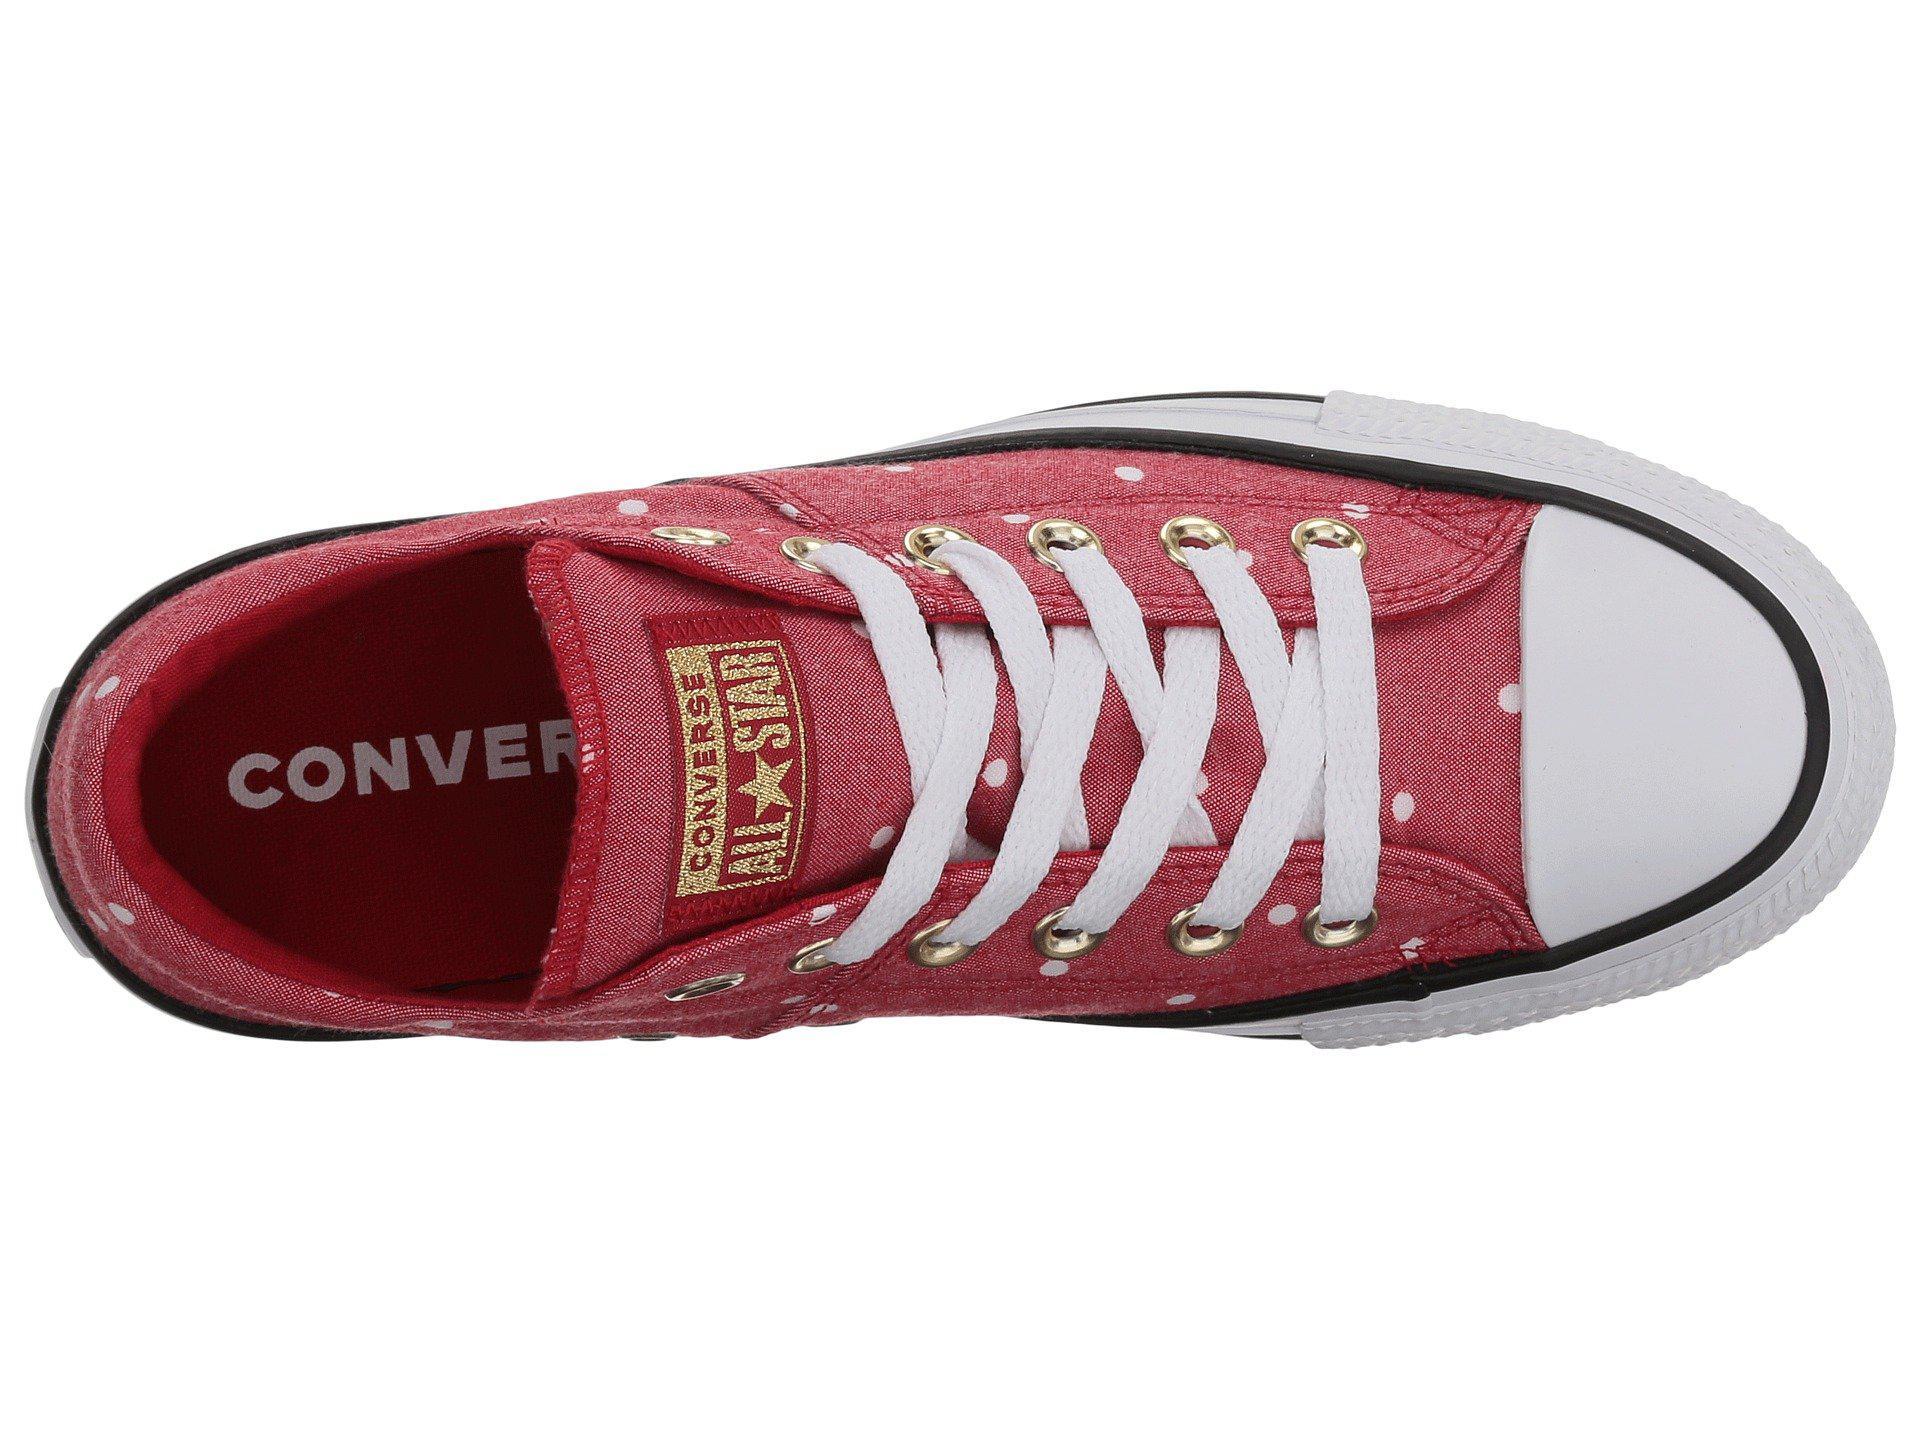 82d816f2a0aa Converse - Chuck Taylor(r) All Star(r) Madison Ox - Mini. View fullscreen